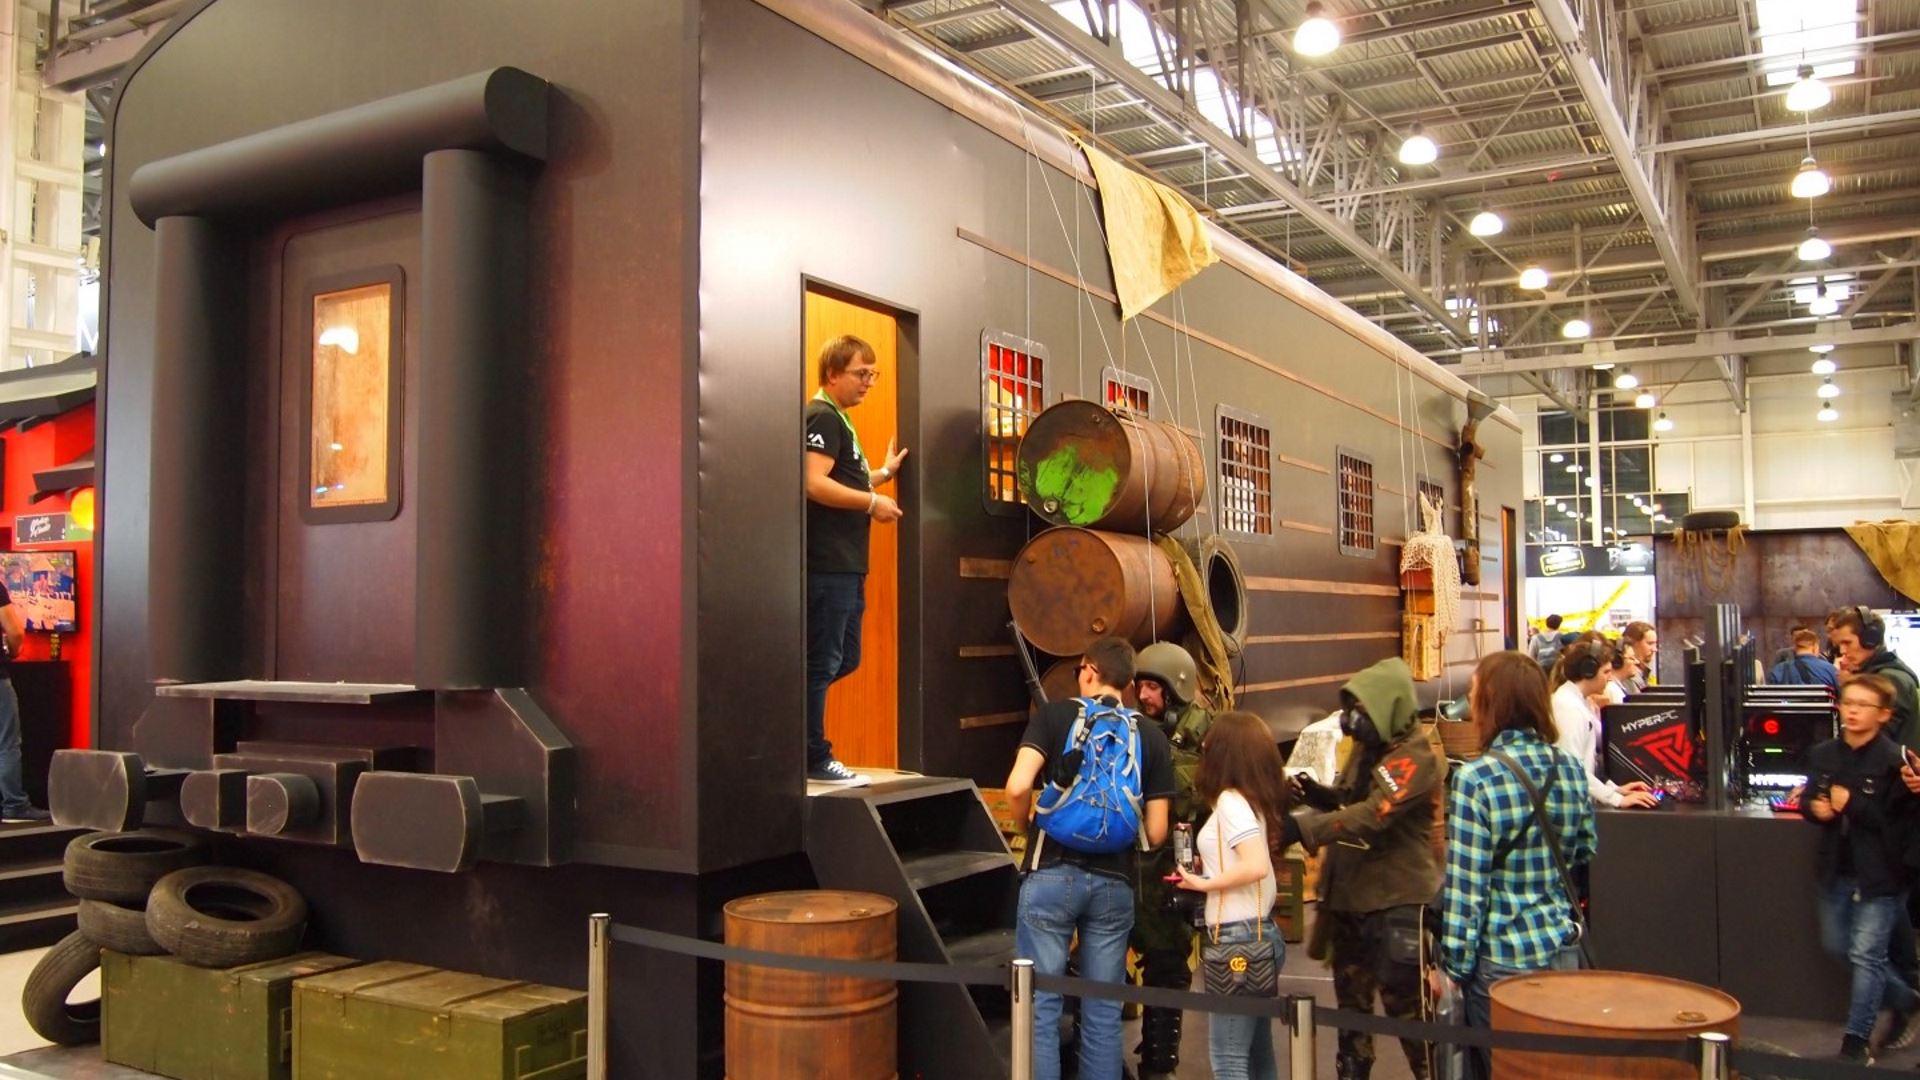 На иллюстрации изображён стенд игры «Метро: Исход» в виде железнодорожного вагона на выставке «ИгроМир 2018»